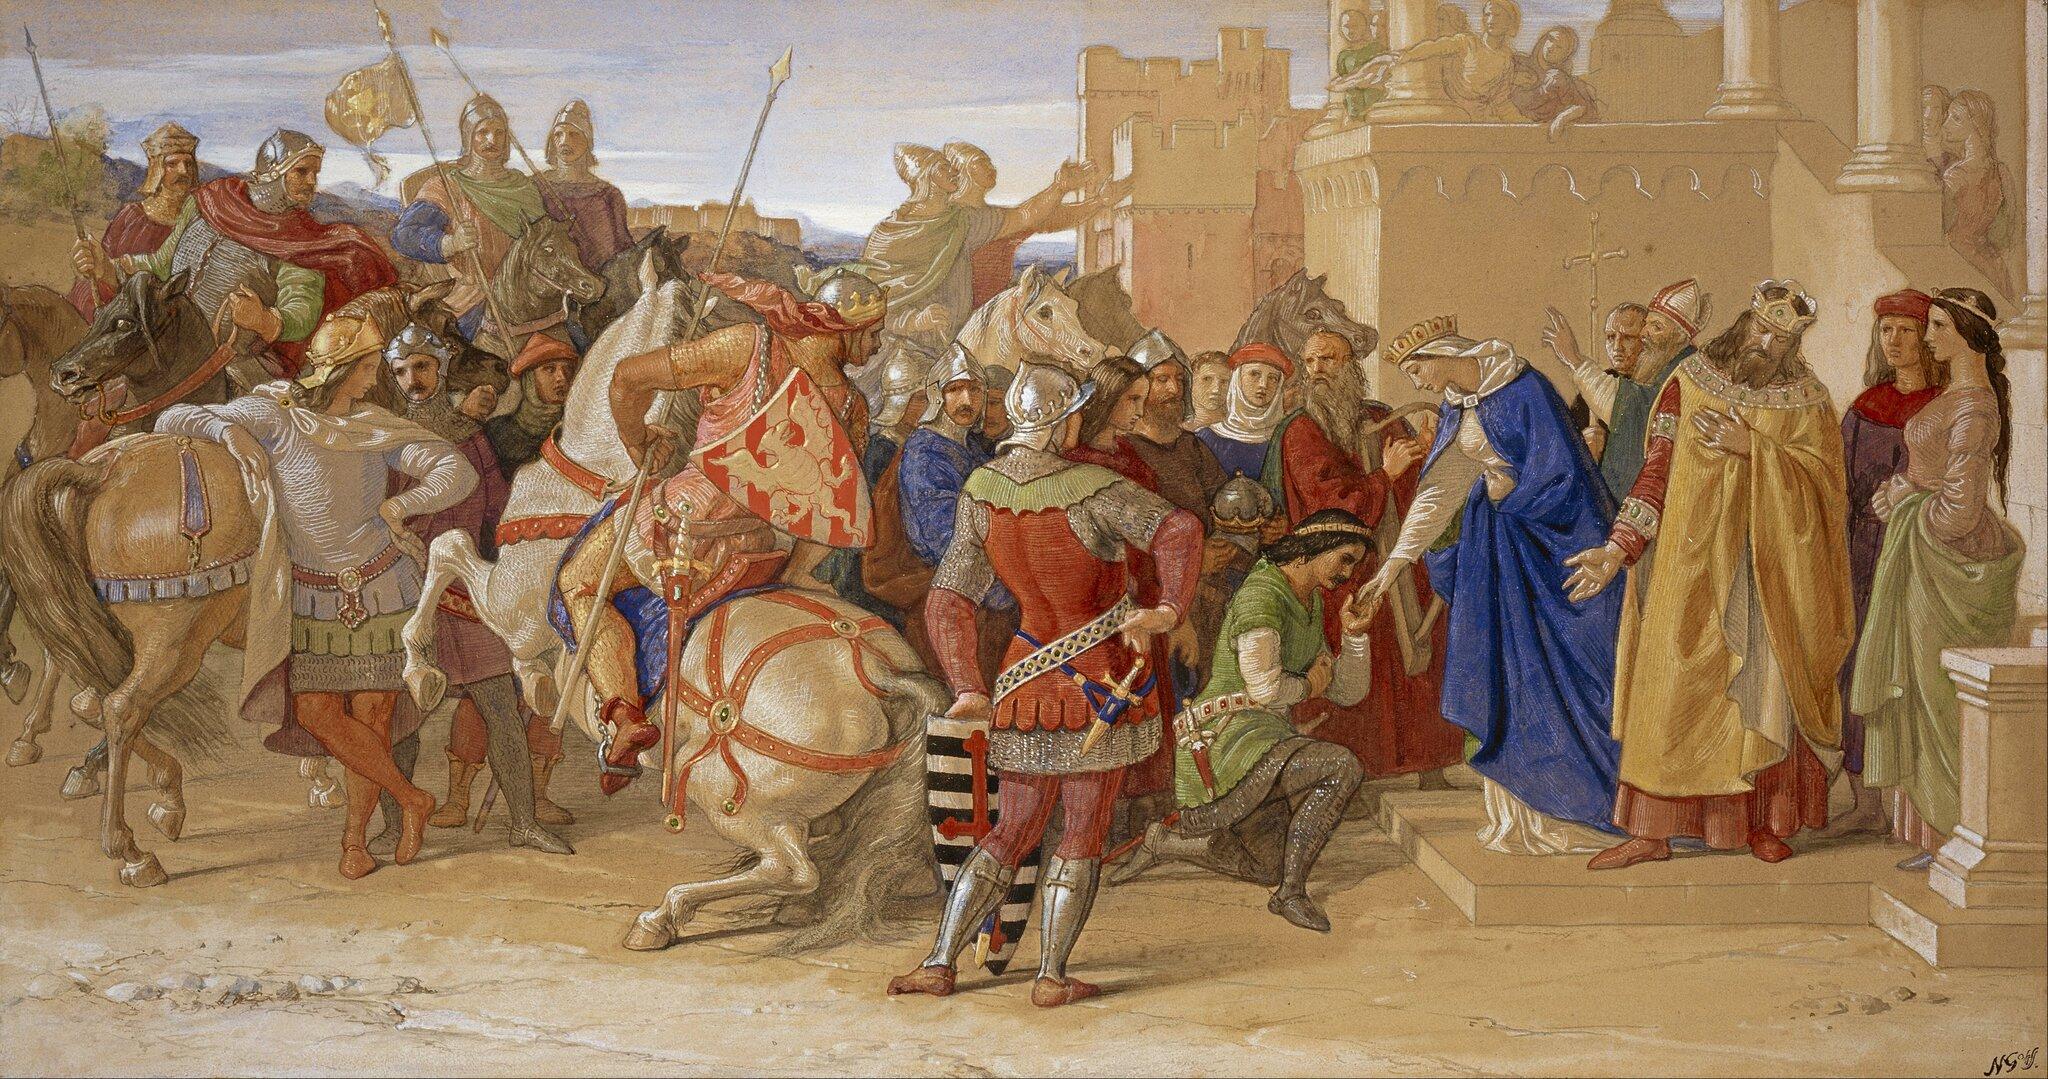 Rycerze Okrągłego Stołu wyruszają na poszukiwanie świętego Graala Źródło: William Dyce, Rycerze Okrągłego Stołu wyruszają na poszukiwanie świętego Graala, 1849, Scottish National Gallery, domena publiczna.